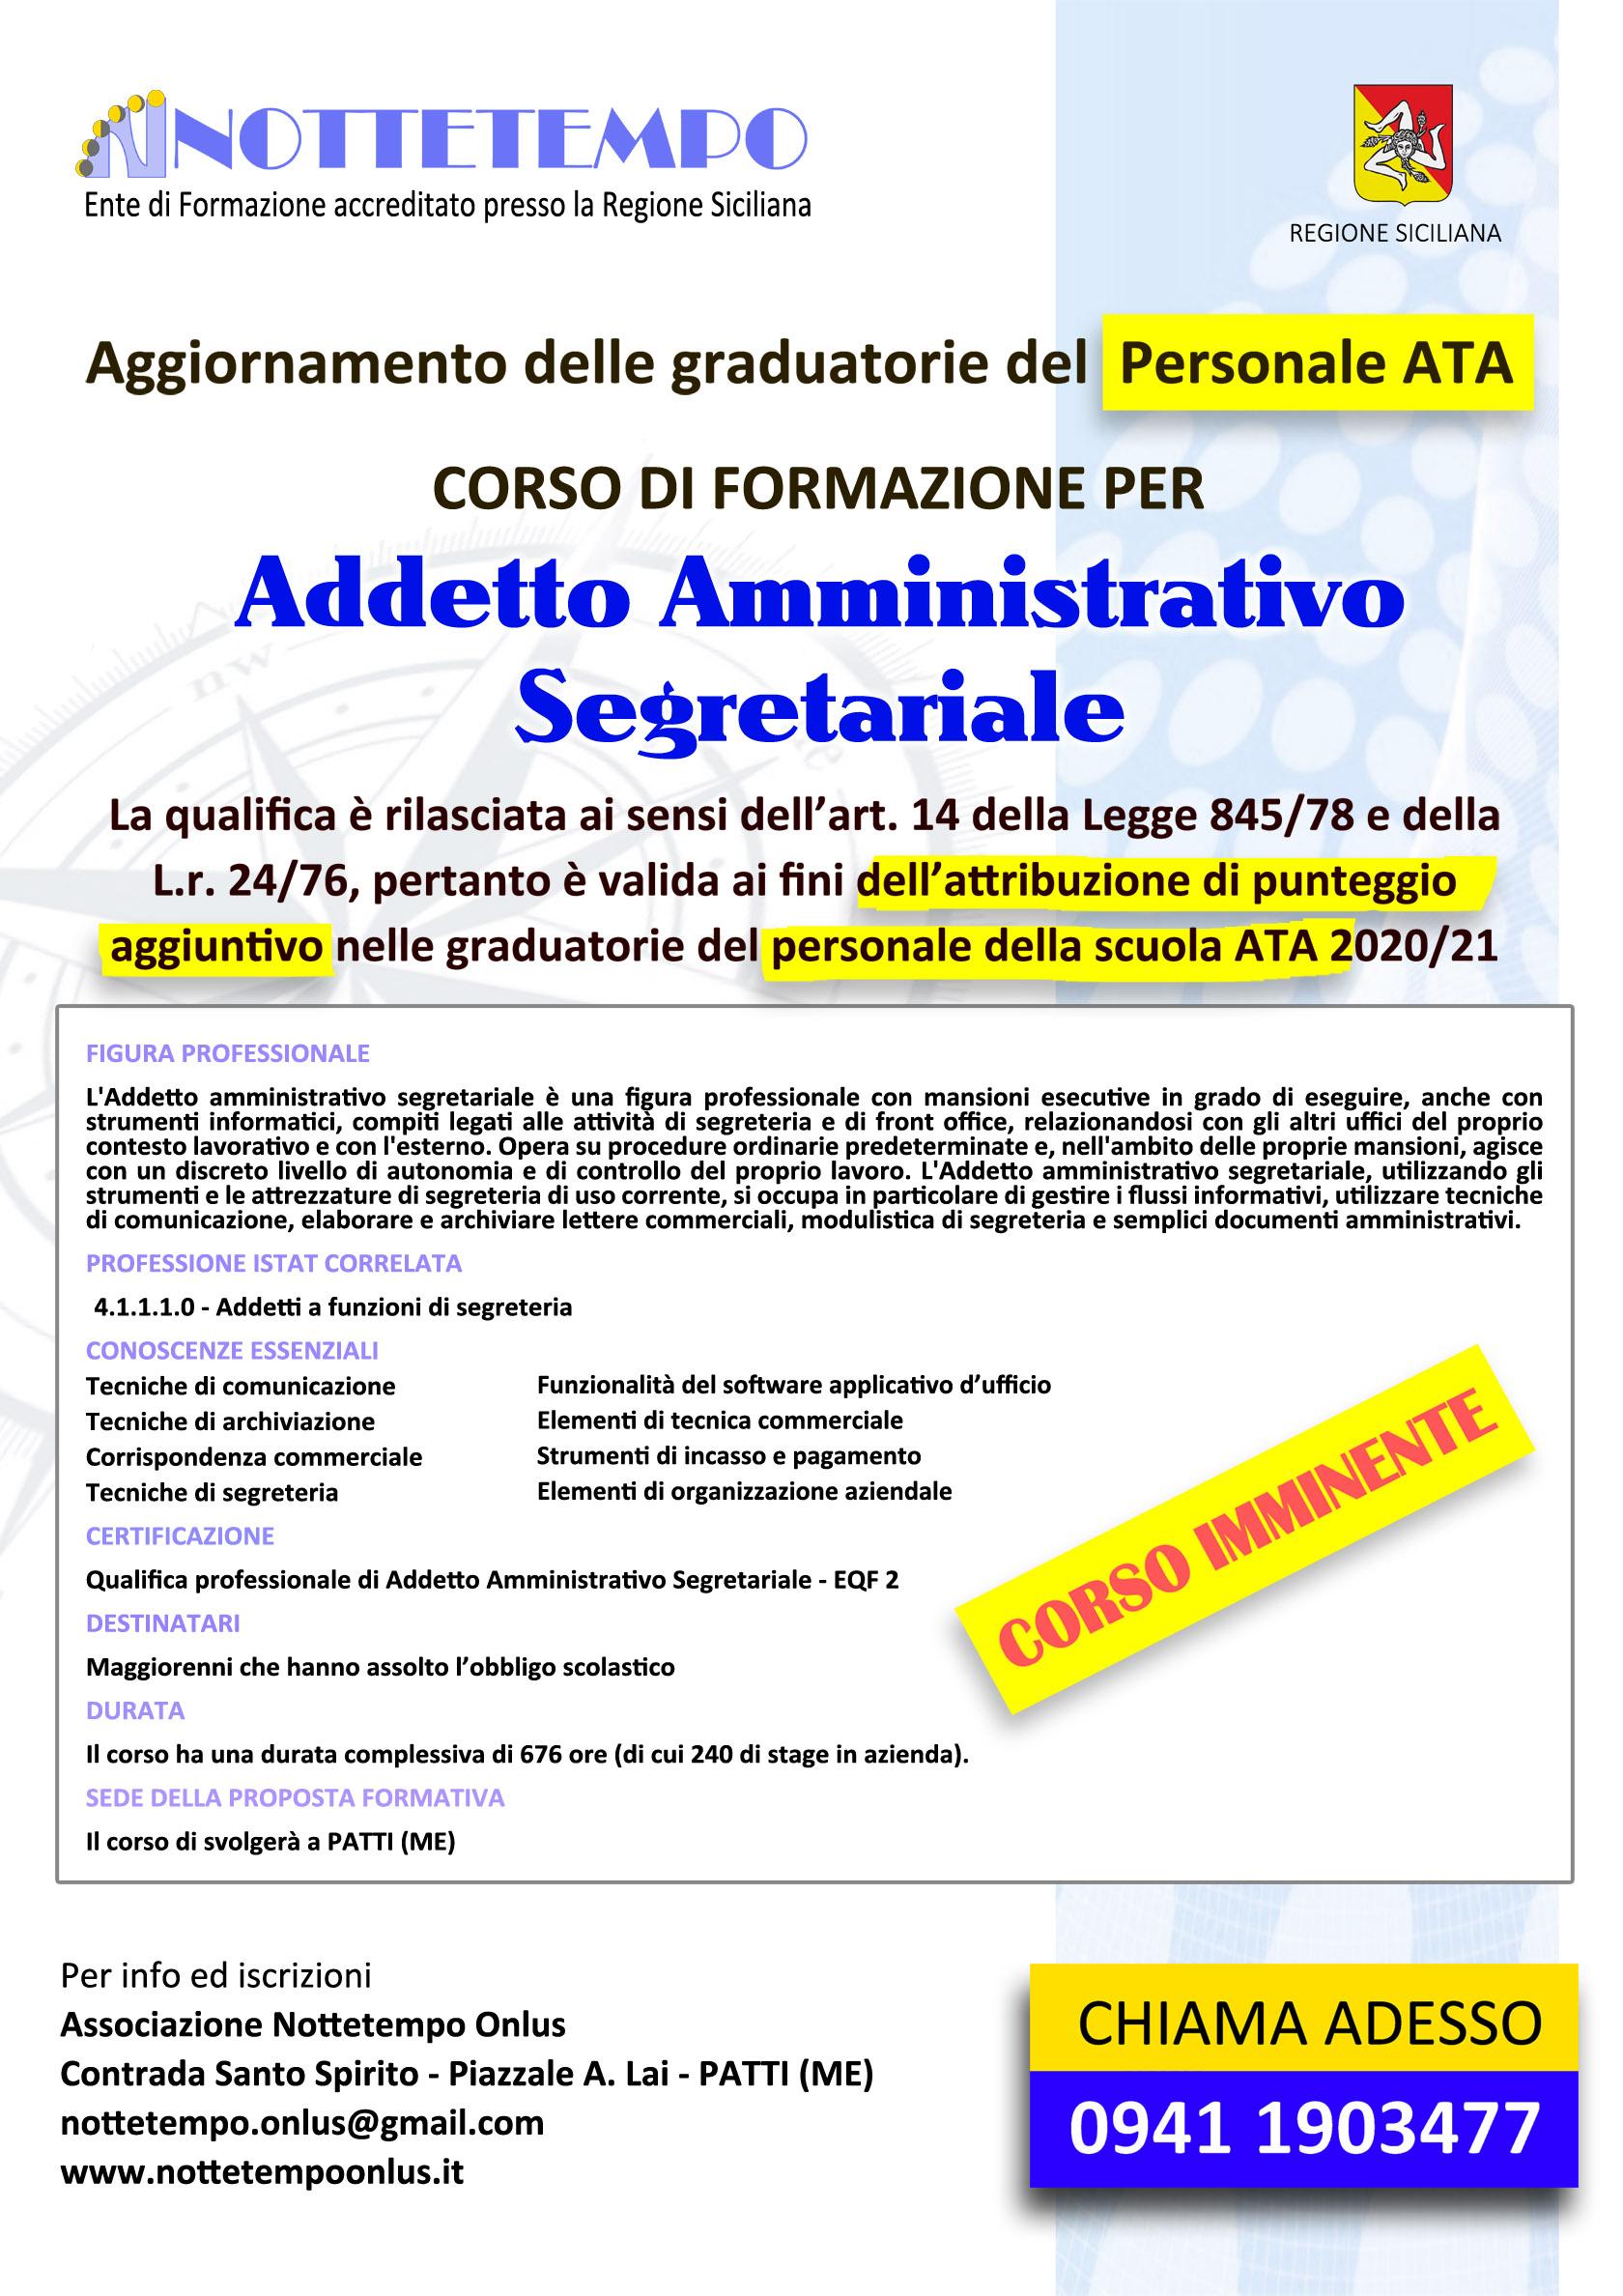 Corso per Addetto Amministrativo Segretariale